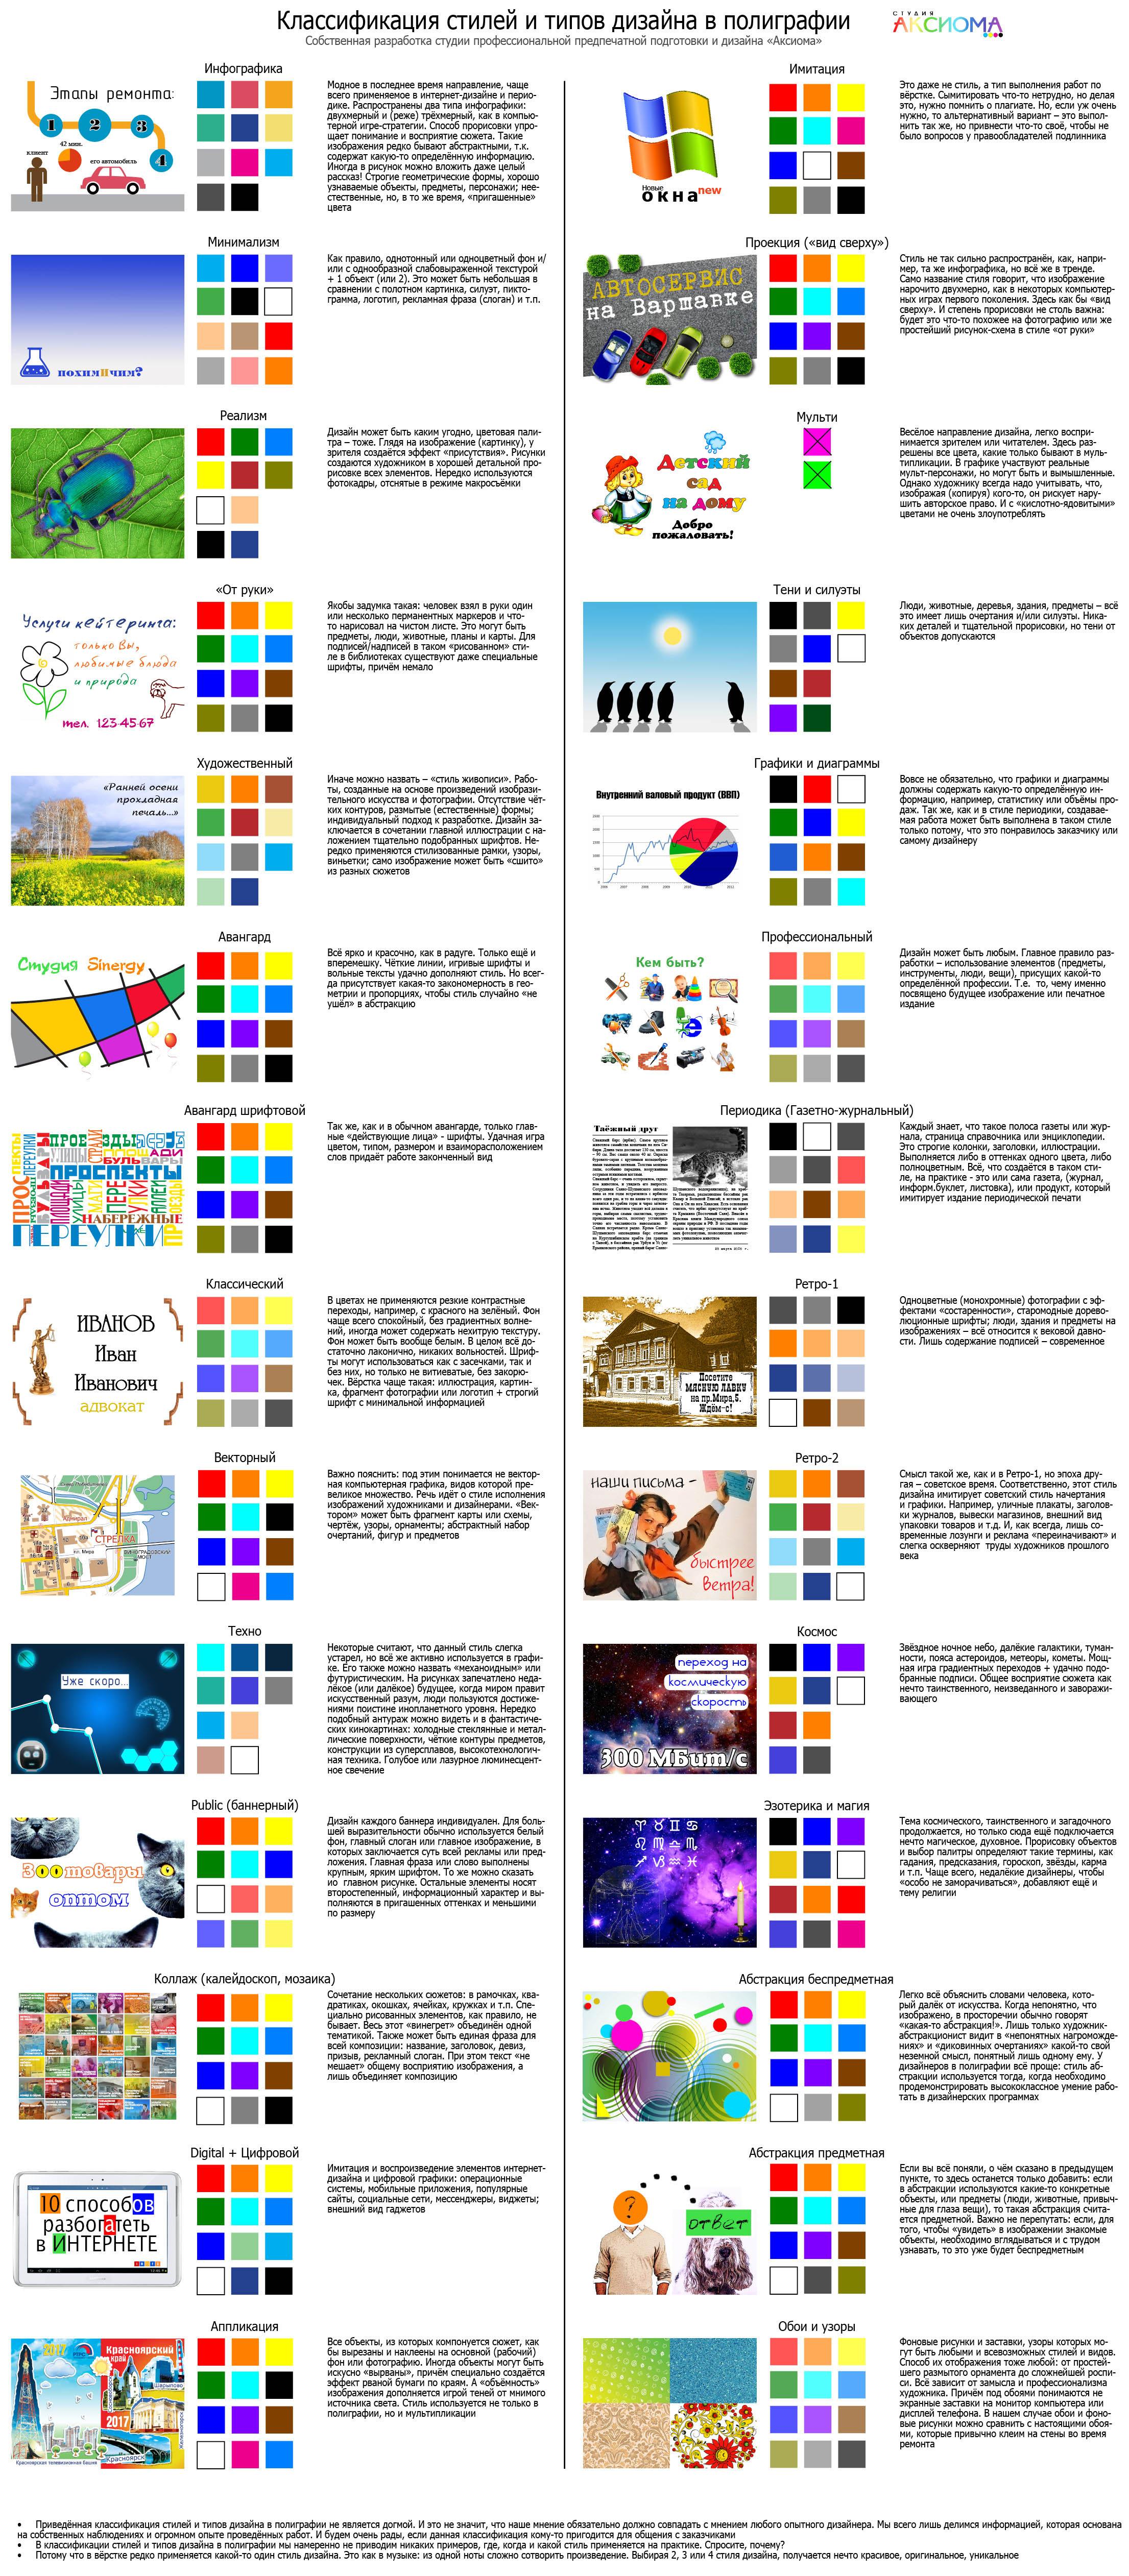 Разработка дизайна журнала фото f_179586d0b5e6f631.jpg